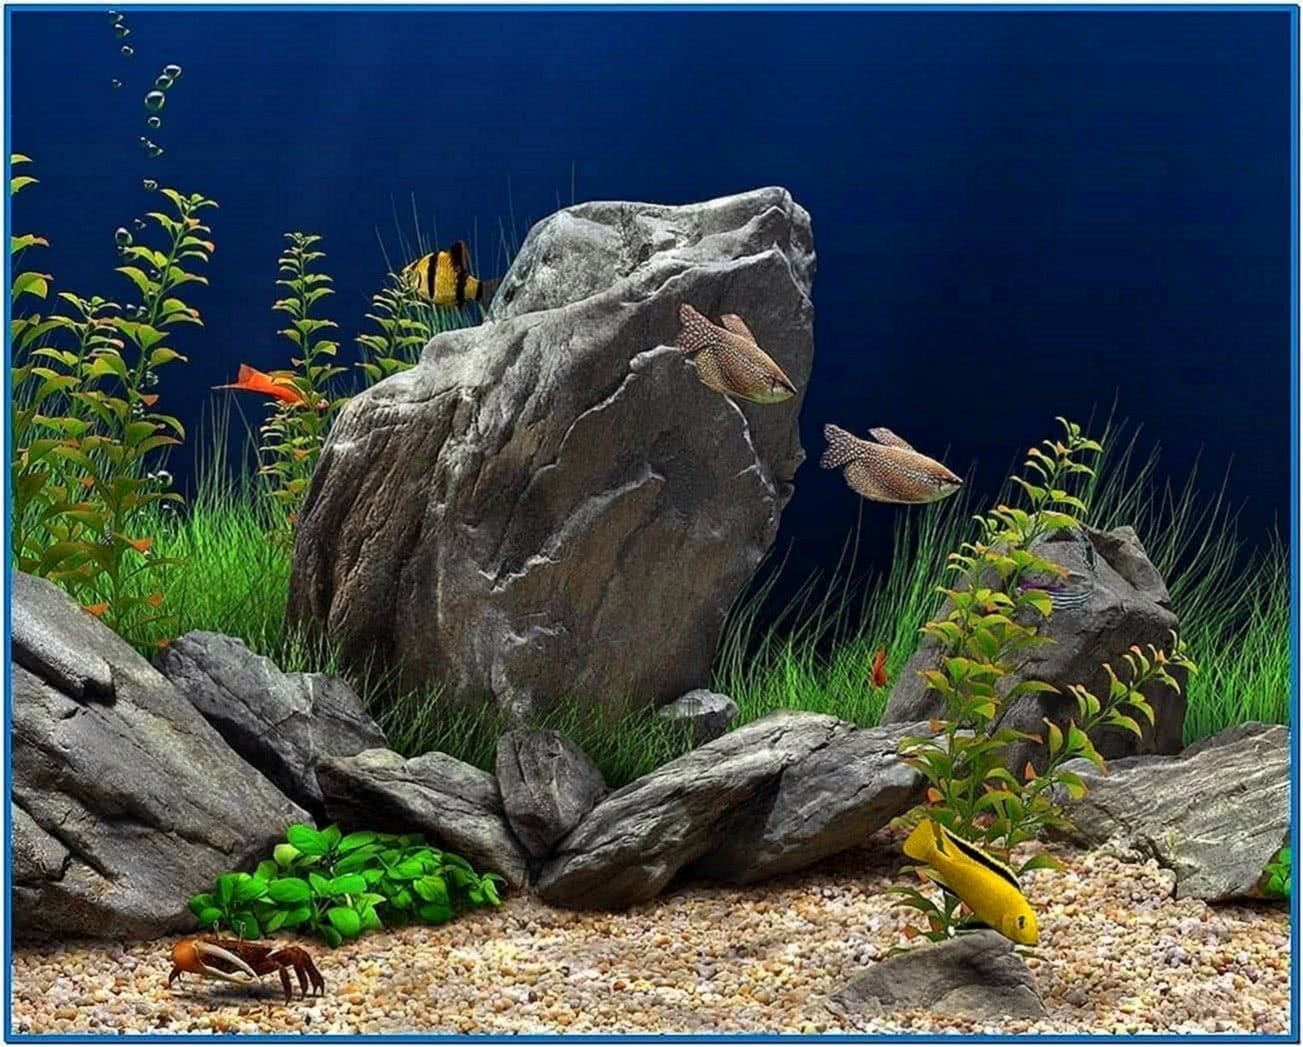 Dream Aquarium 3D Screensaver 1.0